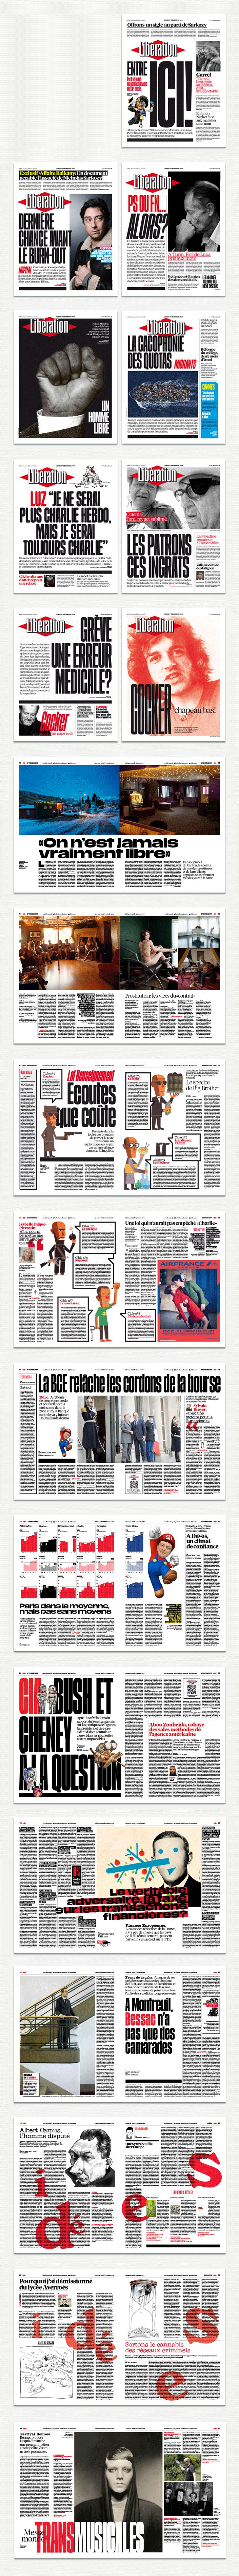 Diseño periodístico / Rediseño impreso del periódico francés Libération